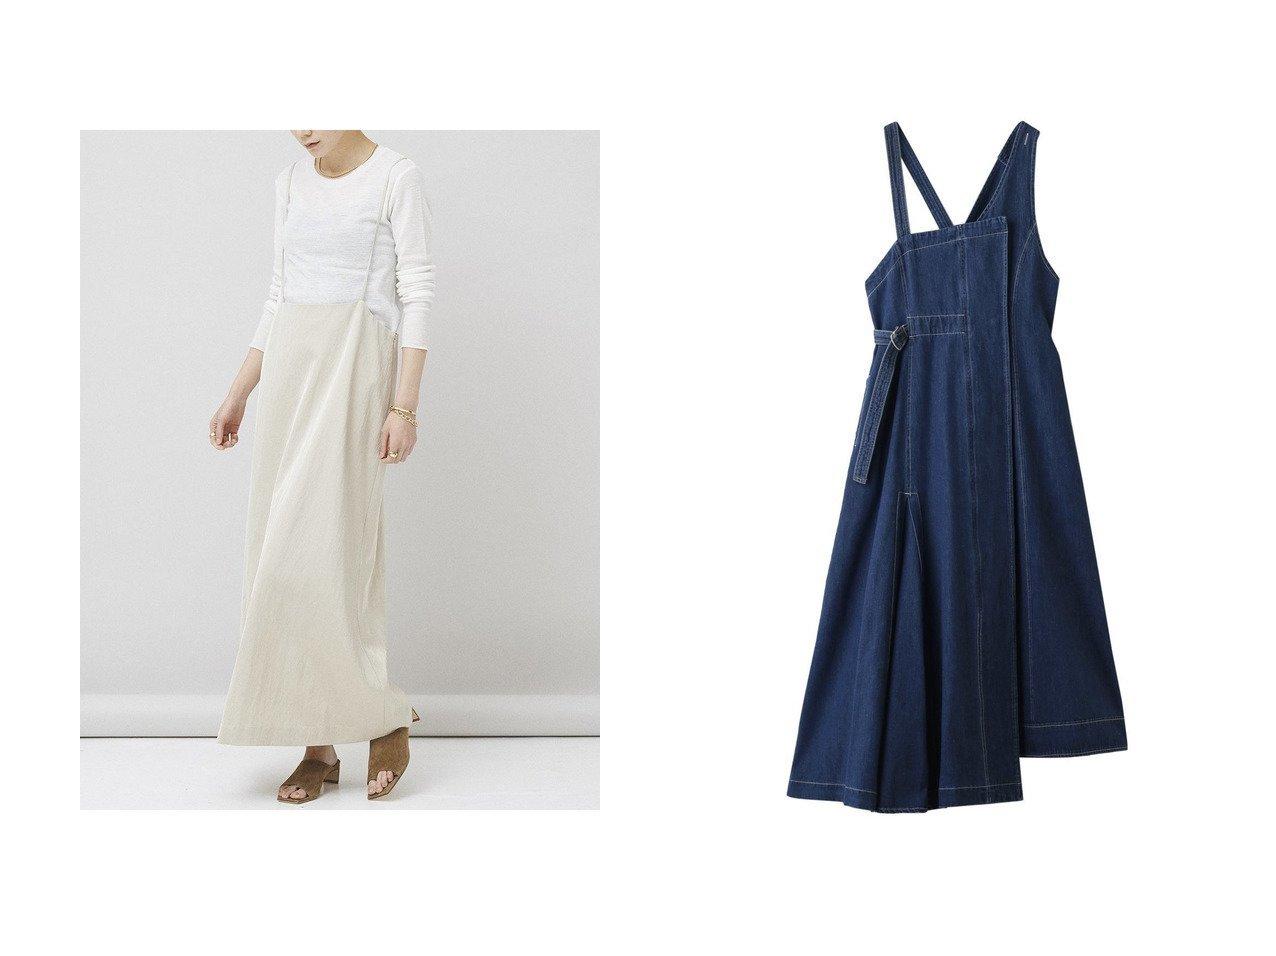 【Curensology/カレンソロジー】のサテンサロペットスカート&【AULA/アウラ】の【AULA AILA】デニムウエストマークジャンパースカート スカートのおすすめ!人気、トレンド・レディースファッションの通販 おすすめで人気の流行・トレンド、ファッションの通販商品 メンズファッション・キッズファッション・インテリア・家具・レディースファッション・服の通販 founy(ファニー) https://founy.com/ ファッション Fashion レディースファッション WOMEN スカート Skirt ロングスカート Long Skirt 2021年 2021 2021 春夏 S/S SS Spring/Summer 2021 S/S 春夏 SS Spring/Summer インナー サテン サロペット スウェット ロング 春 Spring |ID:crp329100000015299